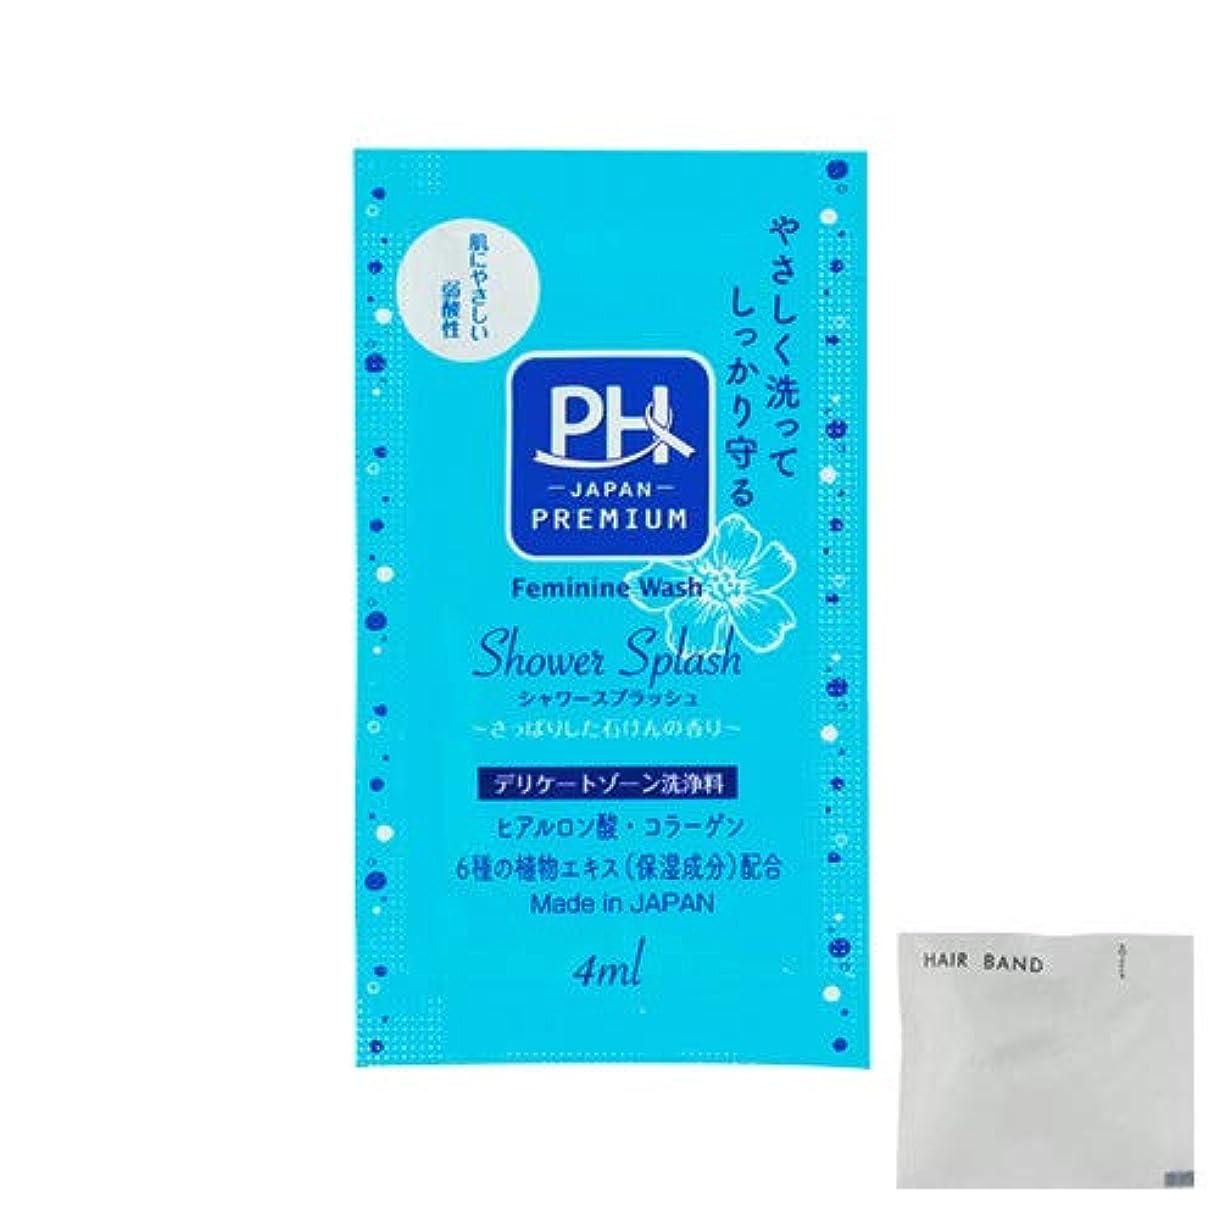 困惑正確シェトランド諸島PH JAPAN プレミアム フェミニンウォッシュ シャワースプラッシュ 4mL(お試し用)×20個 + ヘアゴム(カラーはおまかせ)セット